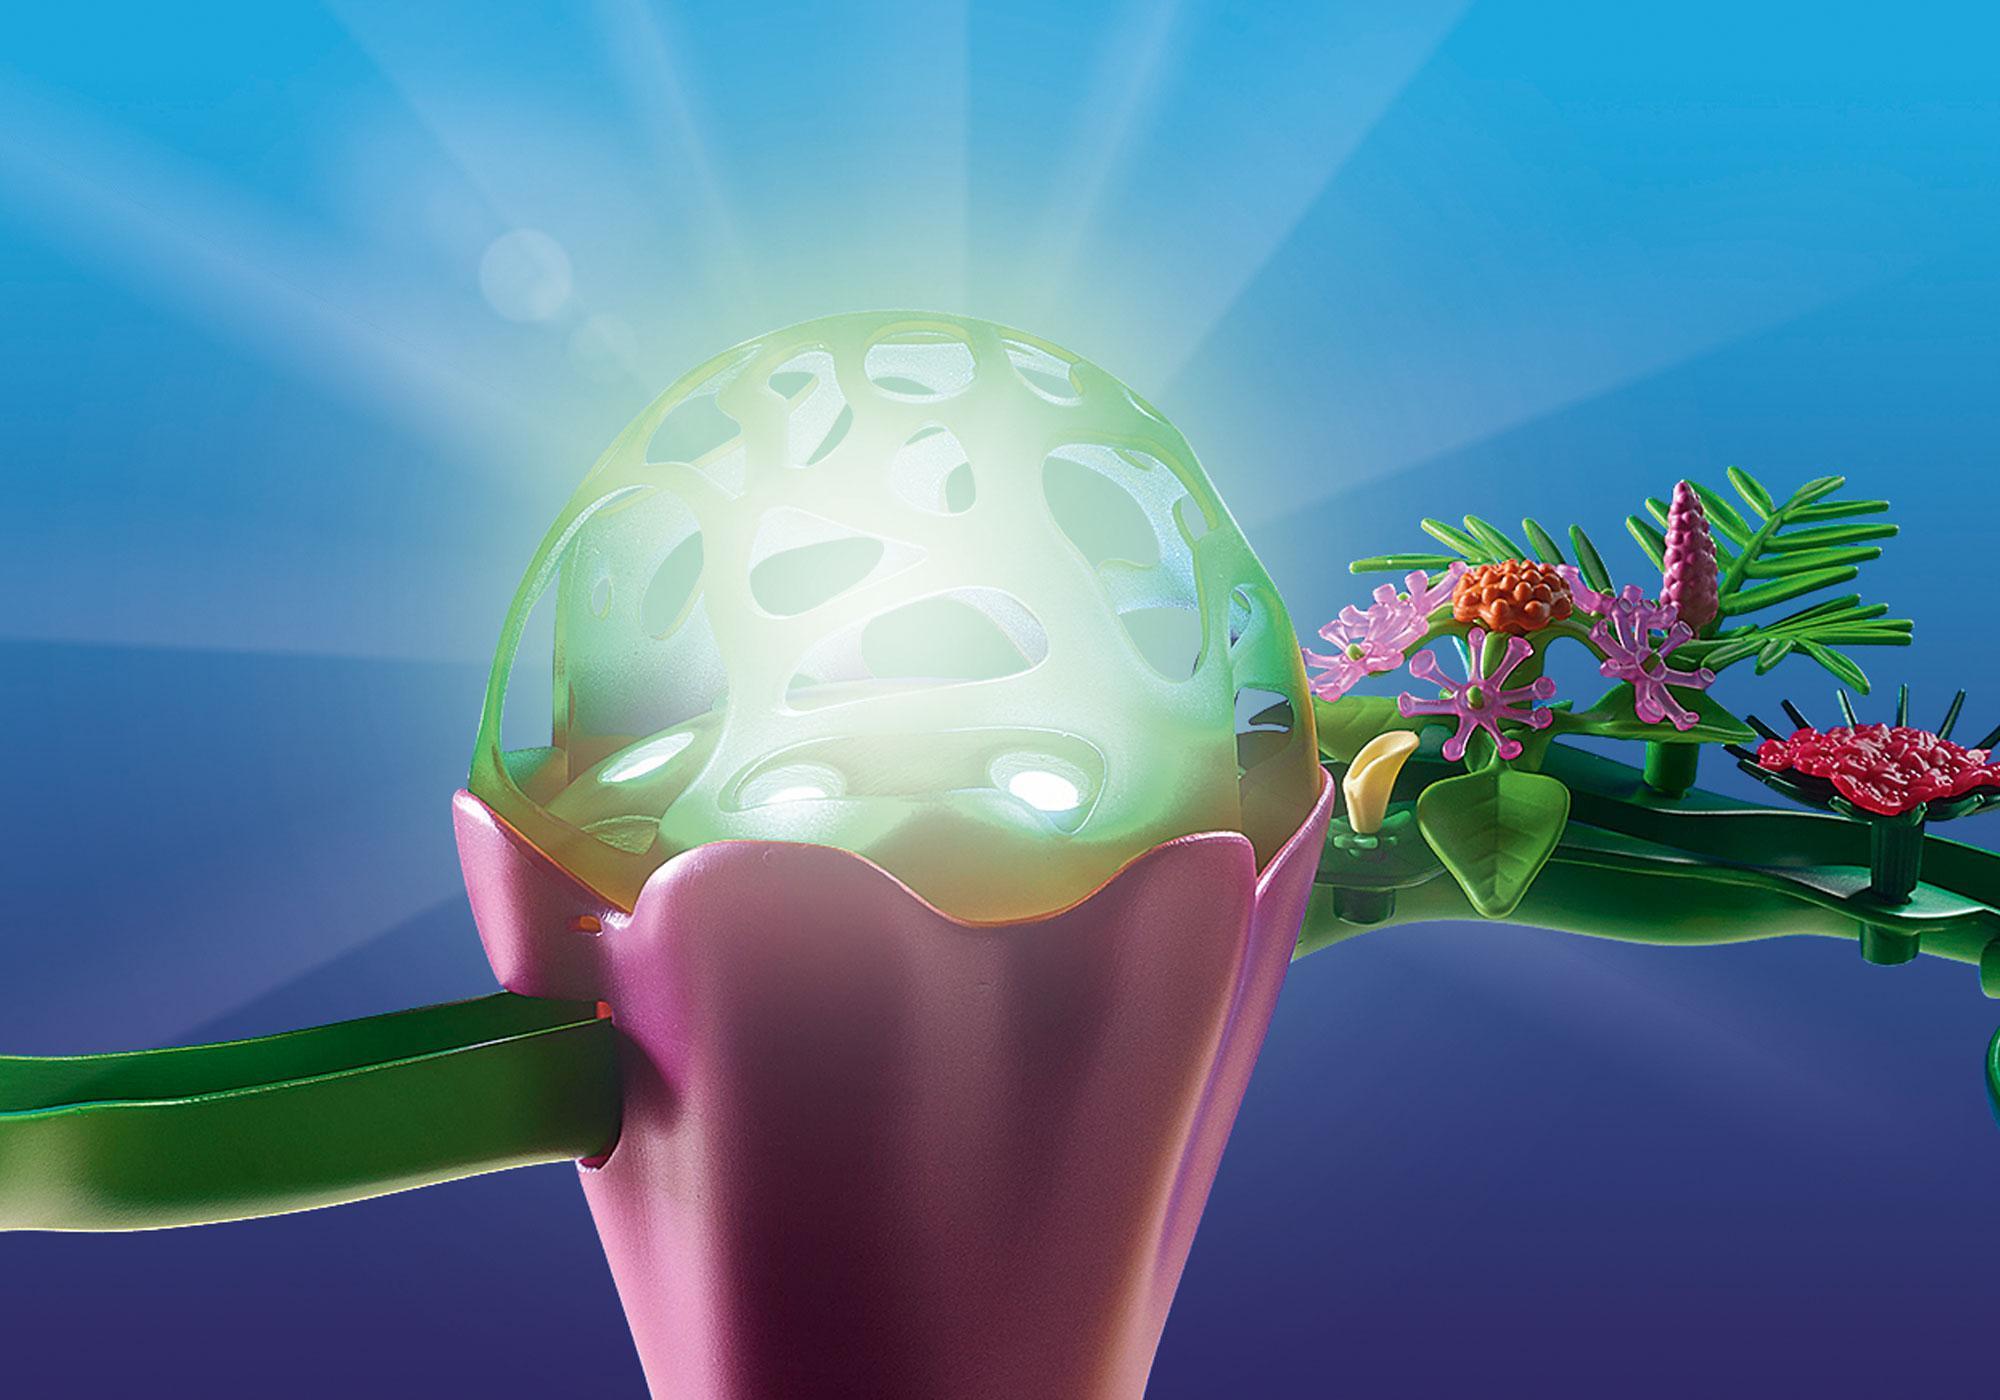 http://media.playmobil.com/i/playmobil/70094_product_extra3/Sjöjungfruns grotta med upplyst kupol